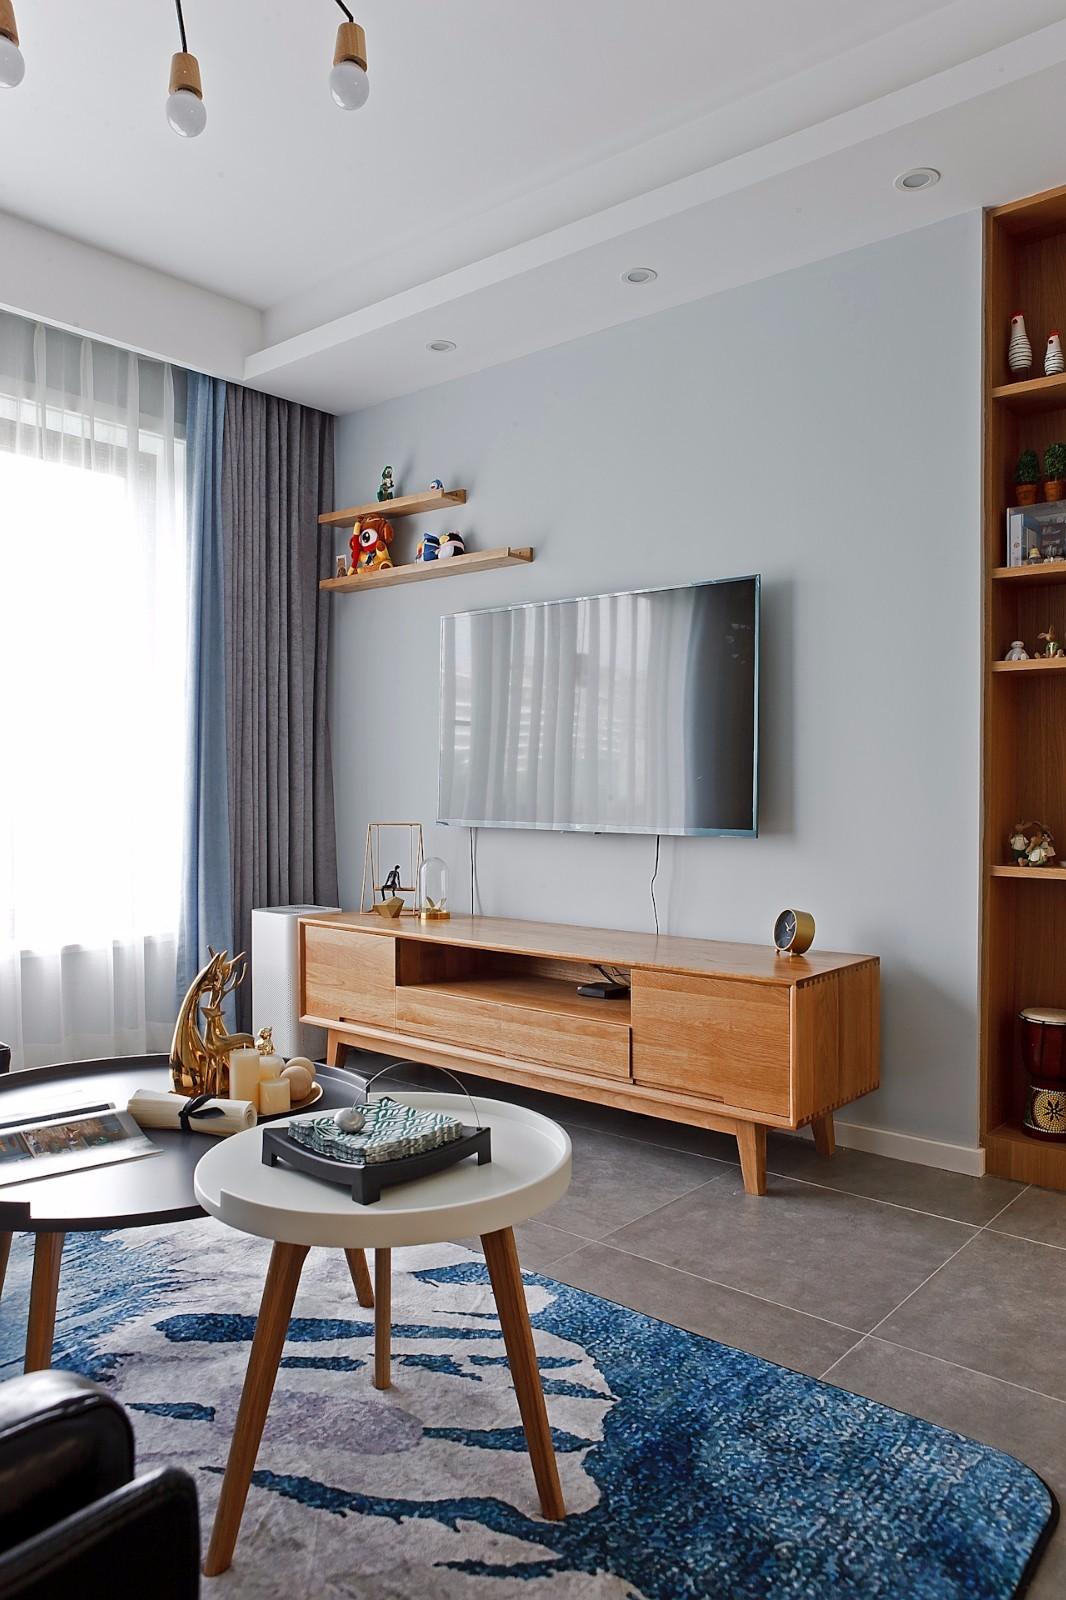 二居室北欧风格电视背景墙装修效果图